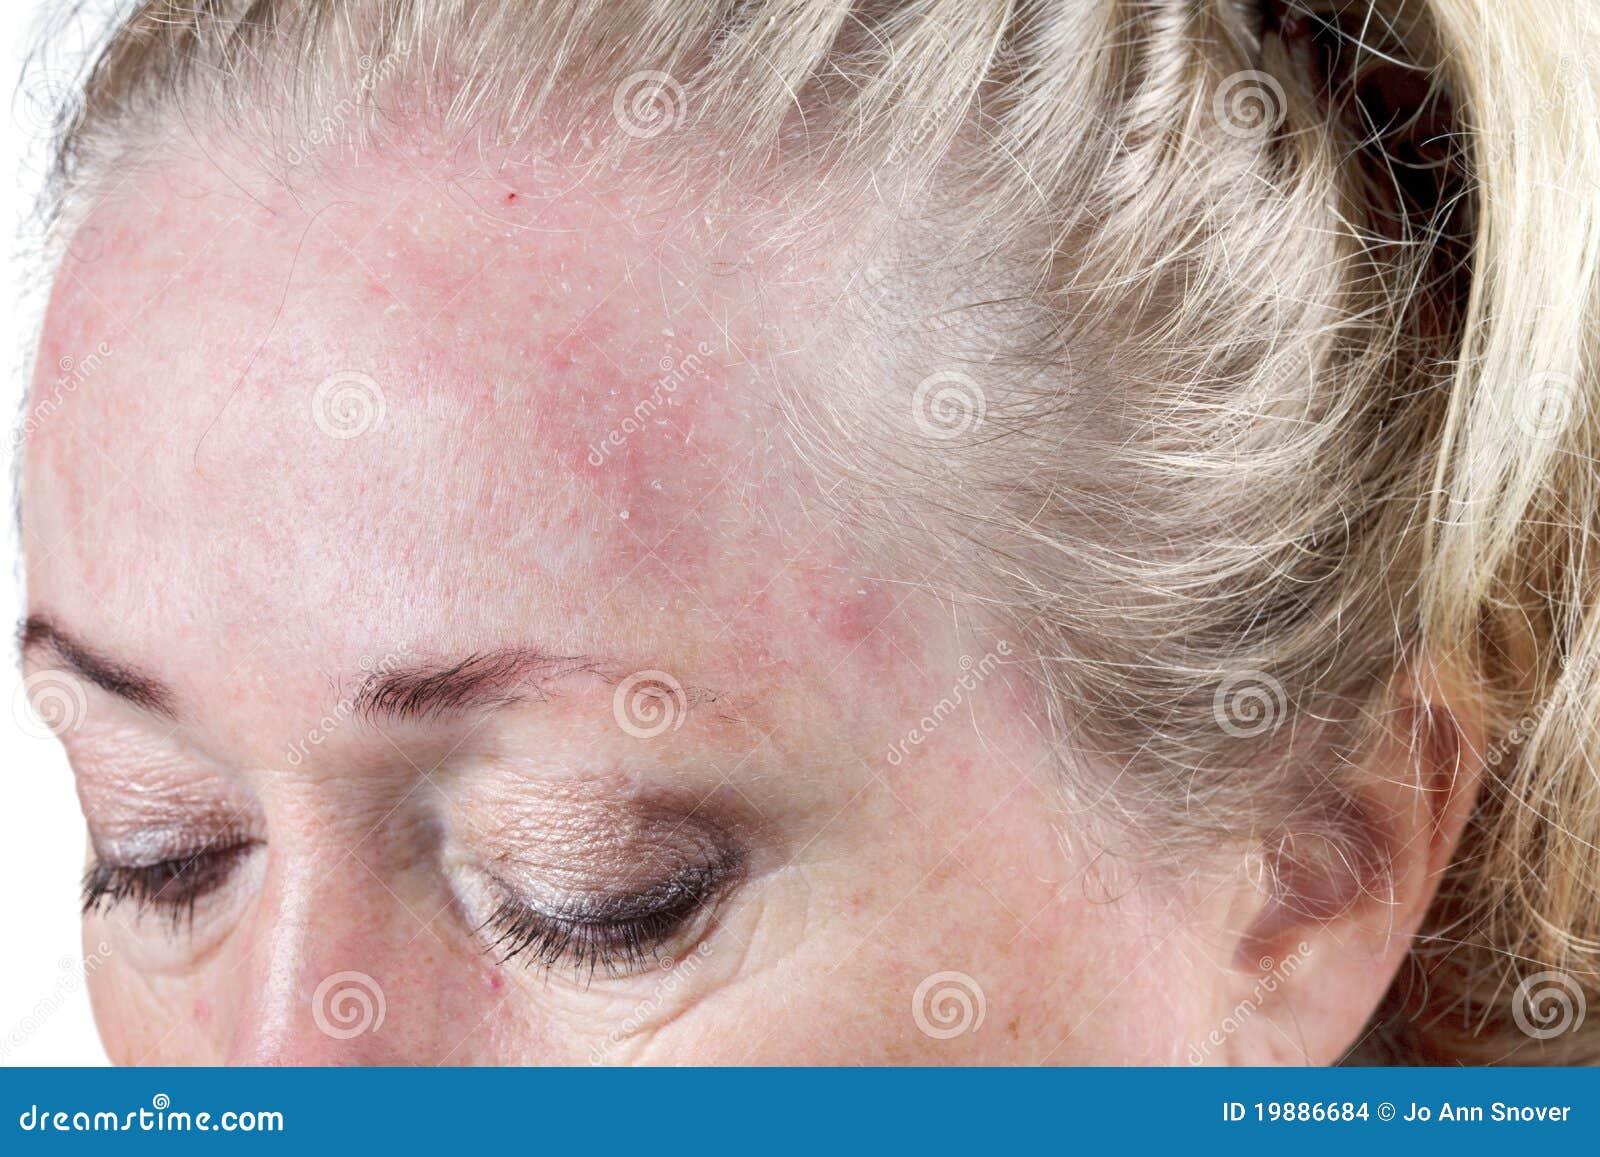 zeer droge huid gezicht